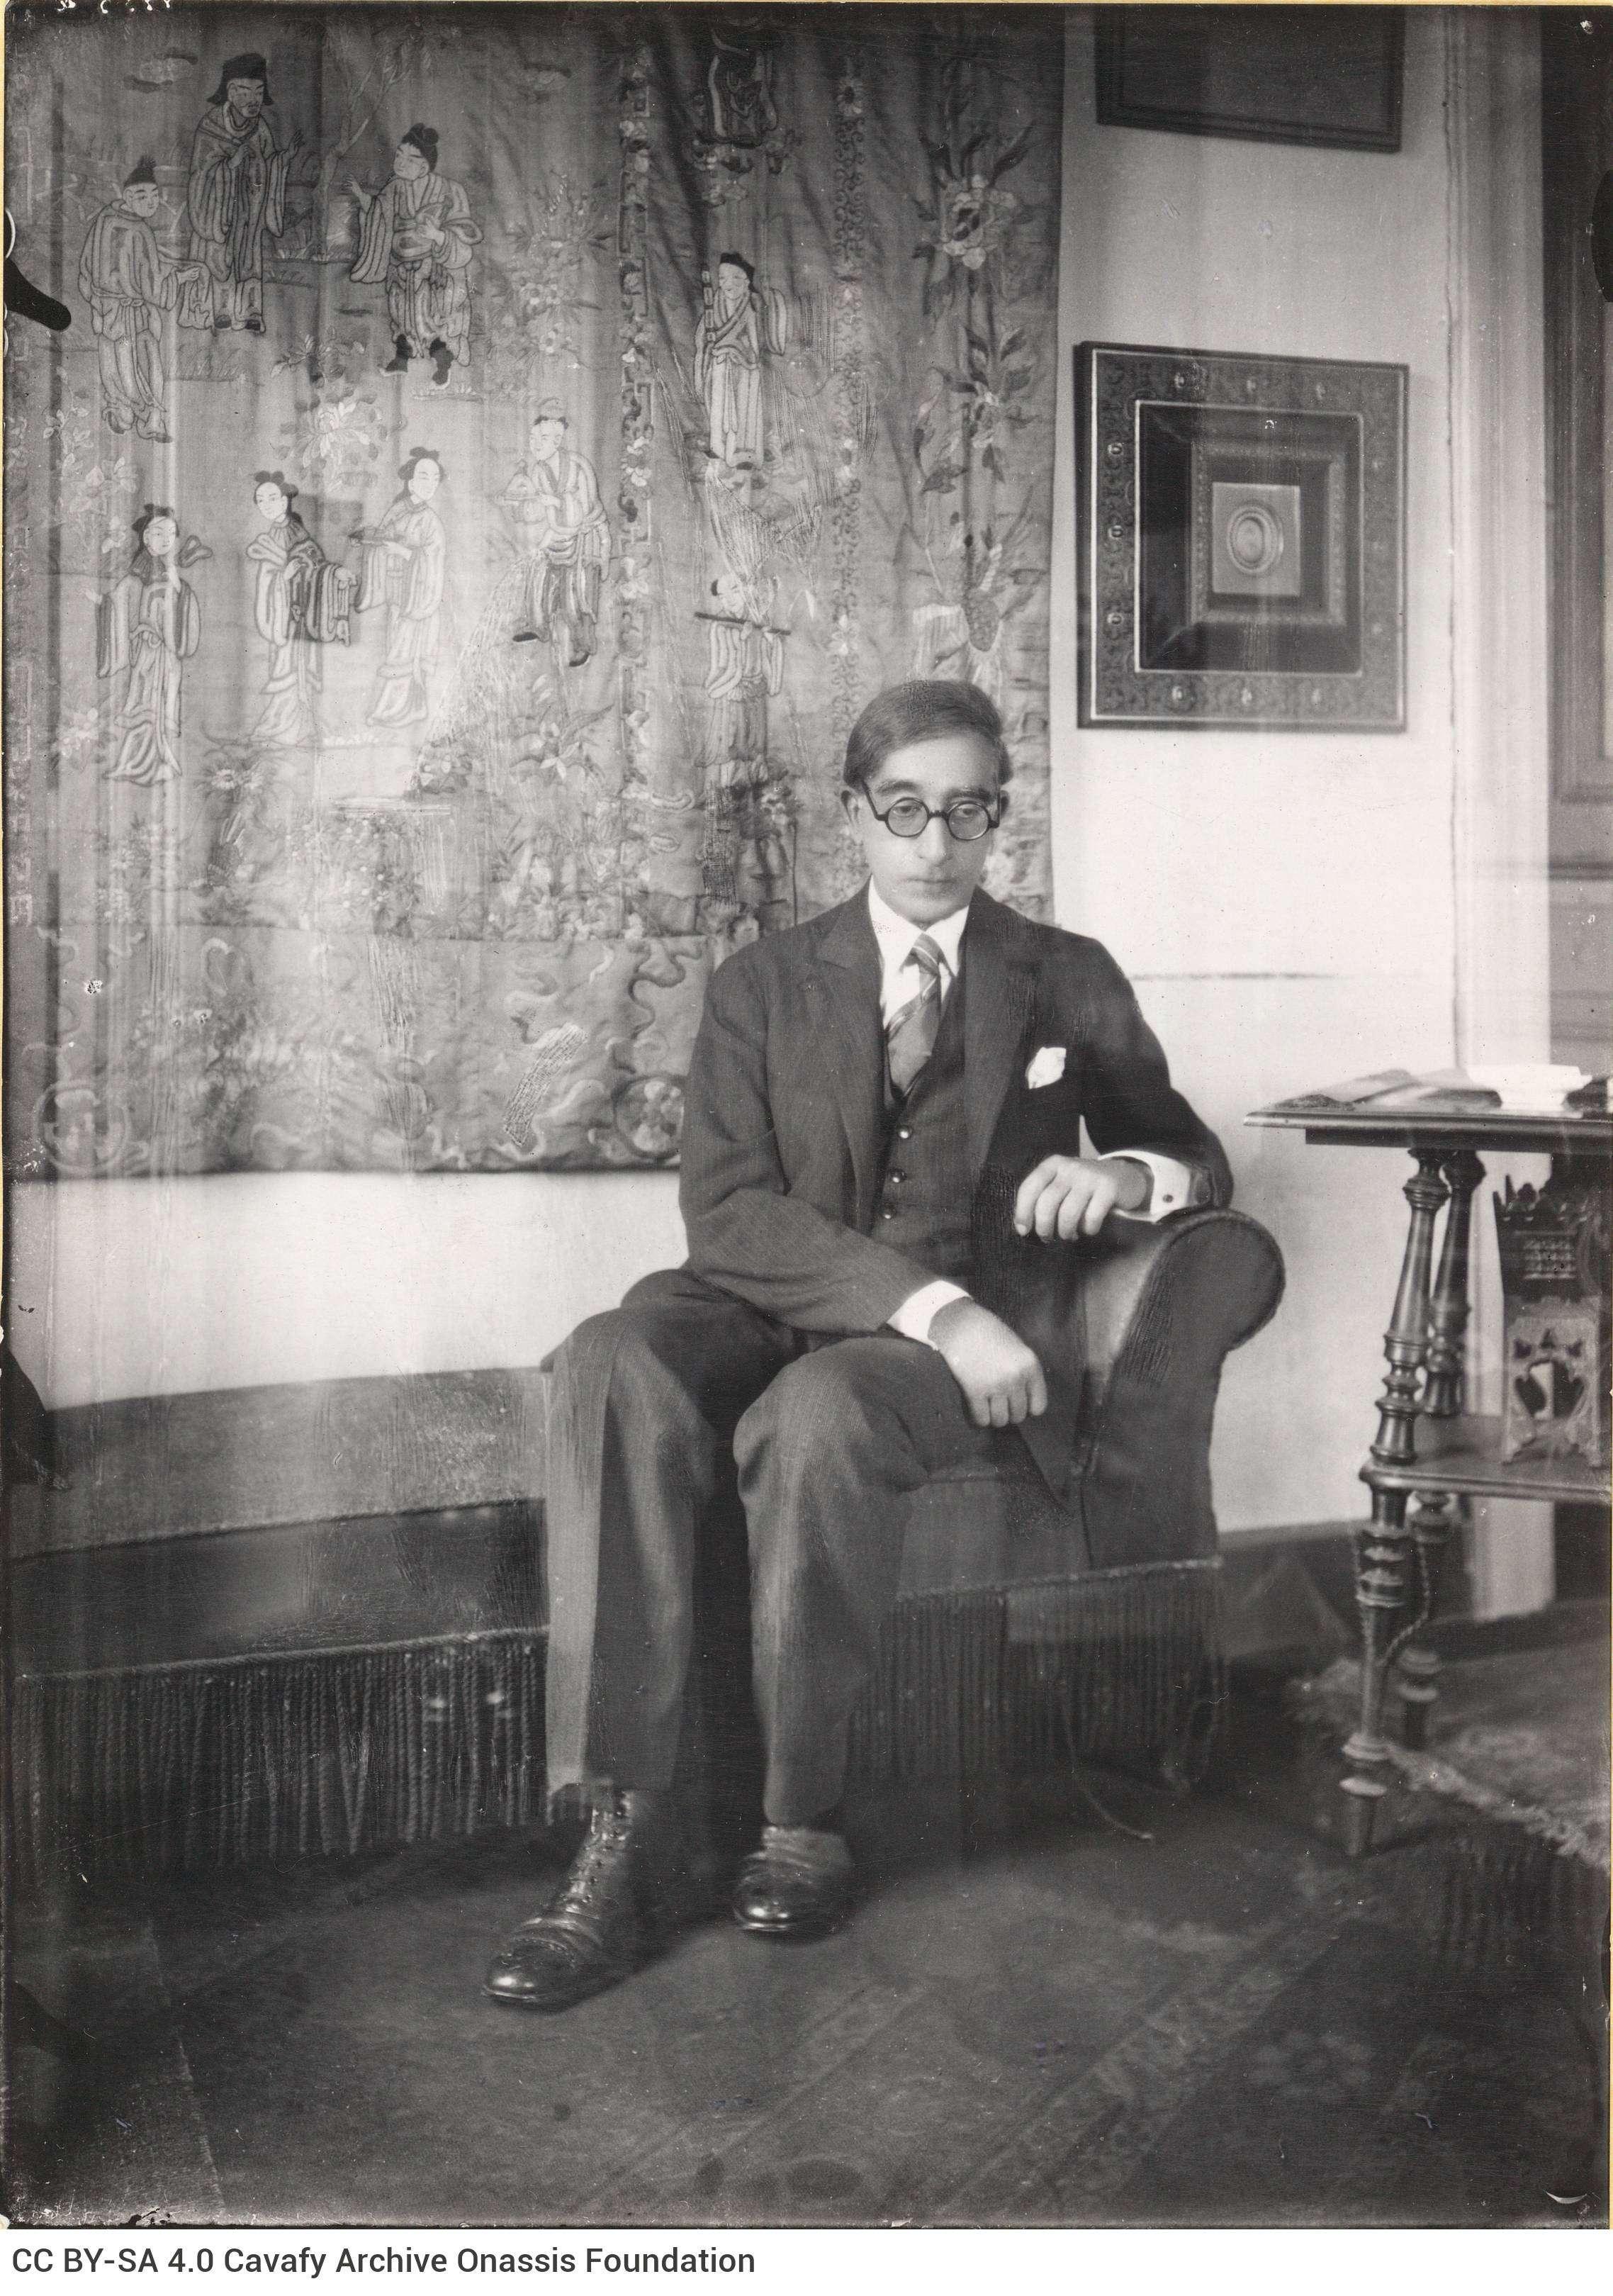 Ο Κωνσταντίνος Καβάφης (Αλεξάνδρεια, 29 Απριλίου 1863 (17 Απριλίου με το π.η.) - Αλεξάνδρεια, 29 Απριλίου 1933) ήταν ένας από τους σημαντικότερους Έλληνες ποιητές της σύγχρονης εποχής.